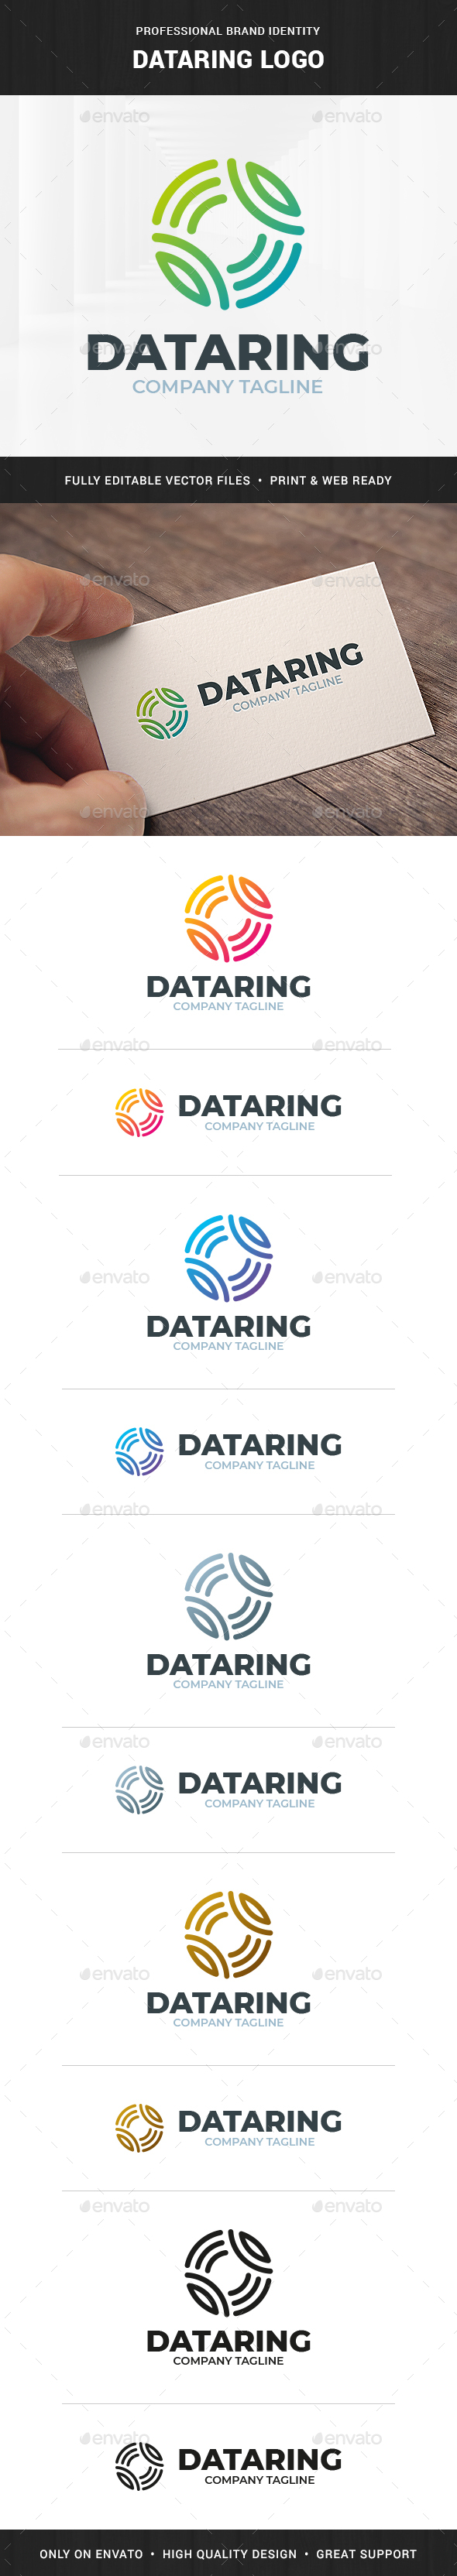 Dataring Logo Template